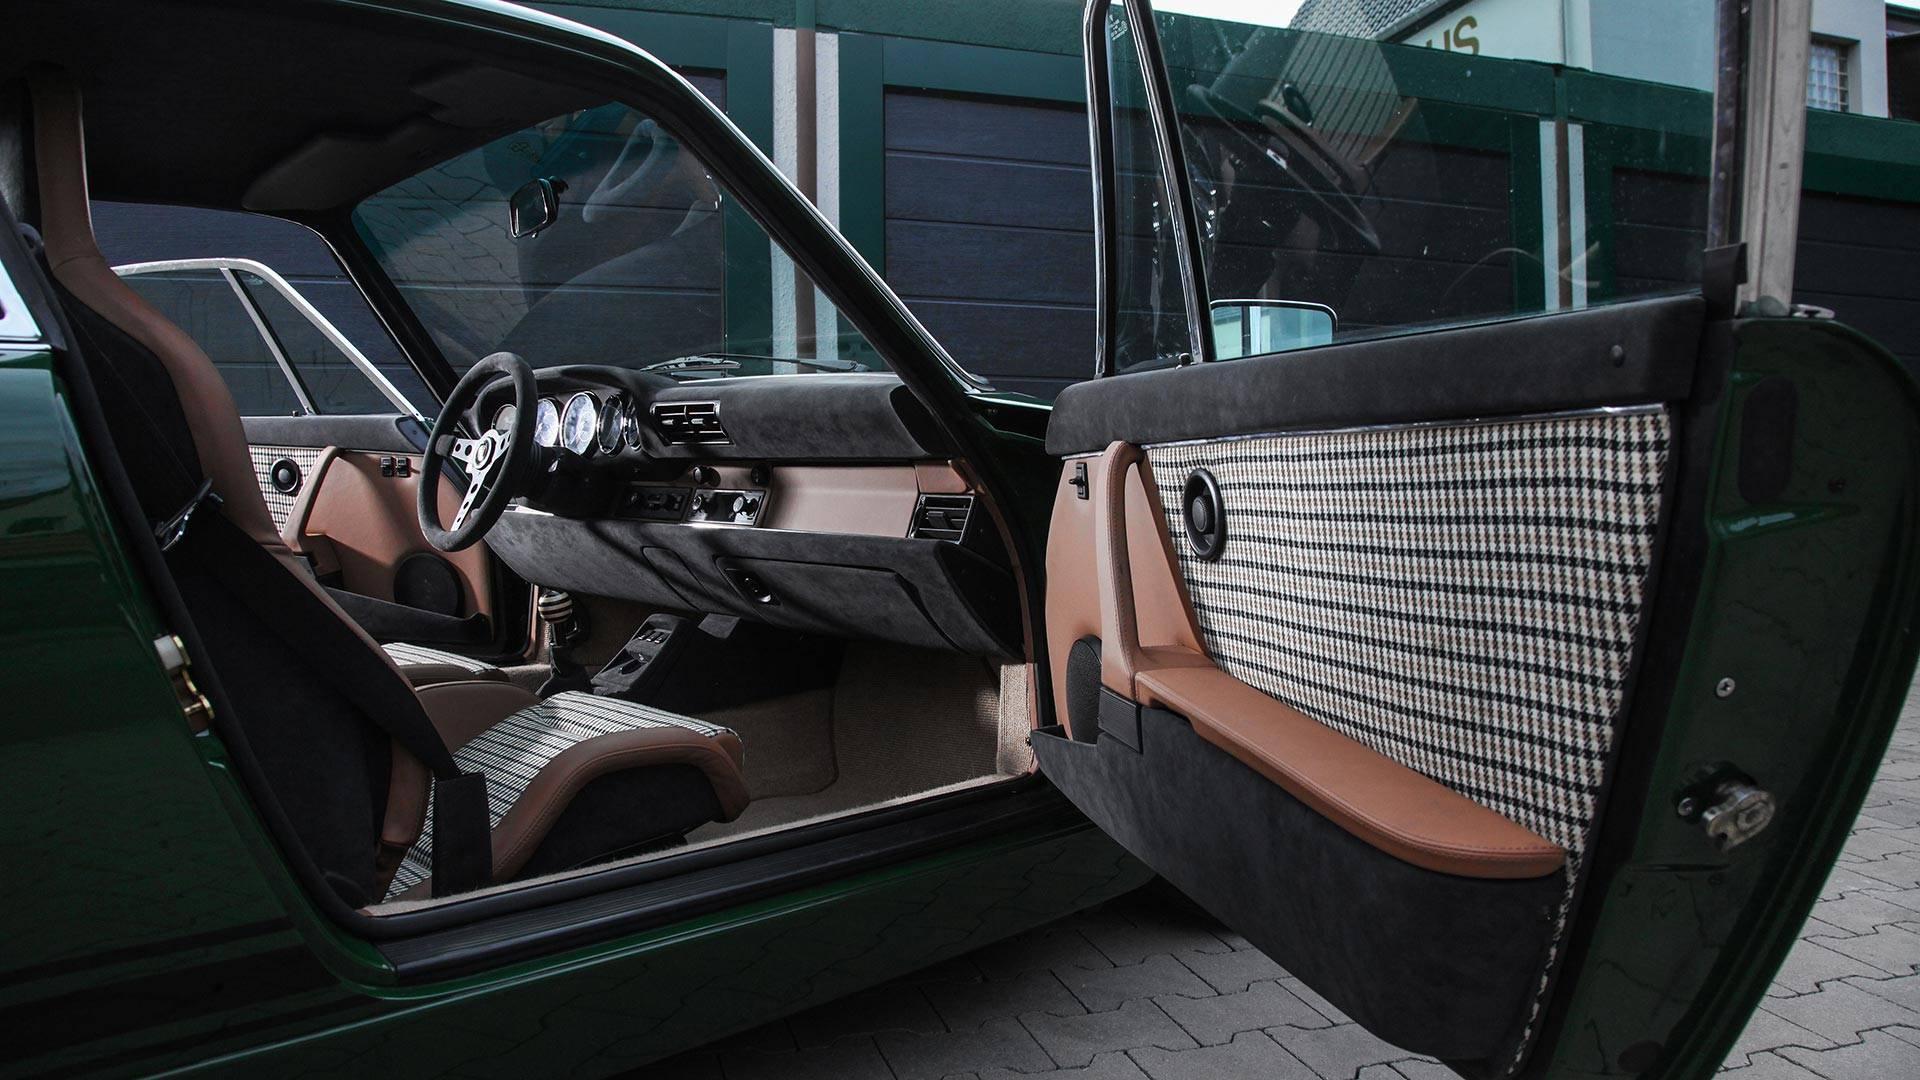 dp-motorsport-porsche-911-964 (11)